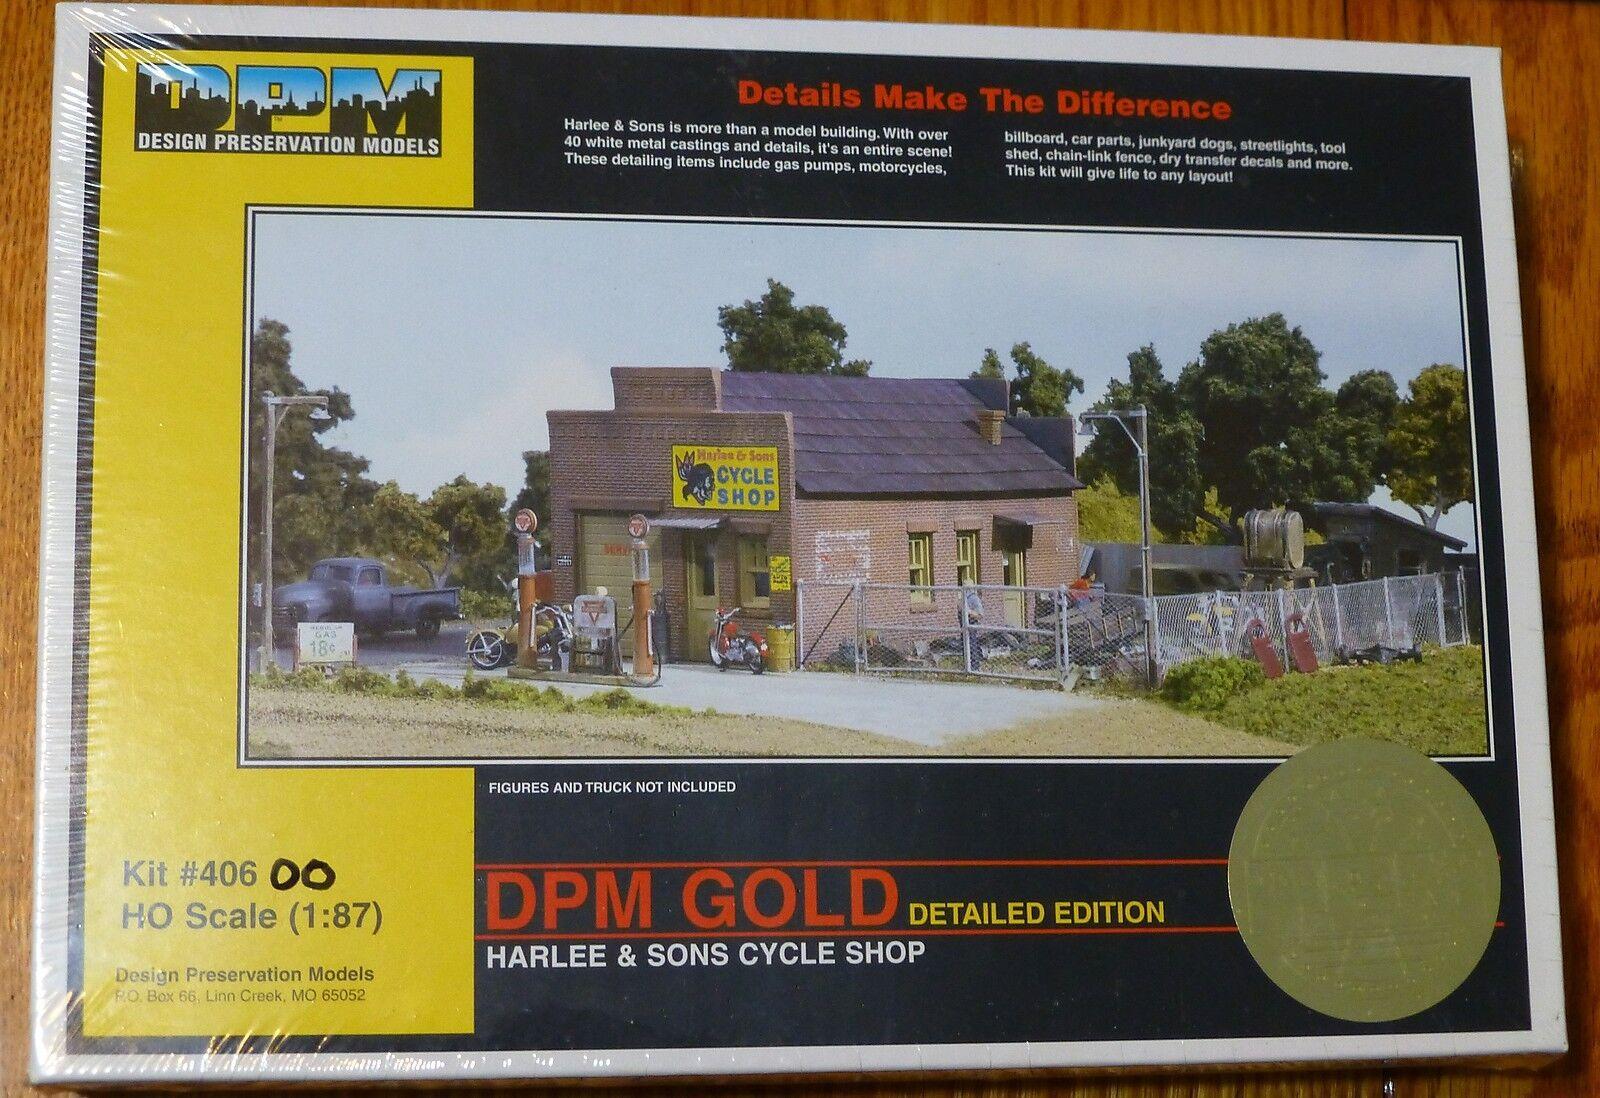 Dpm Diseño preservación Modelos Ho   40600 harlee & Sons ciclo Shop (forma De Kit)